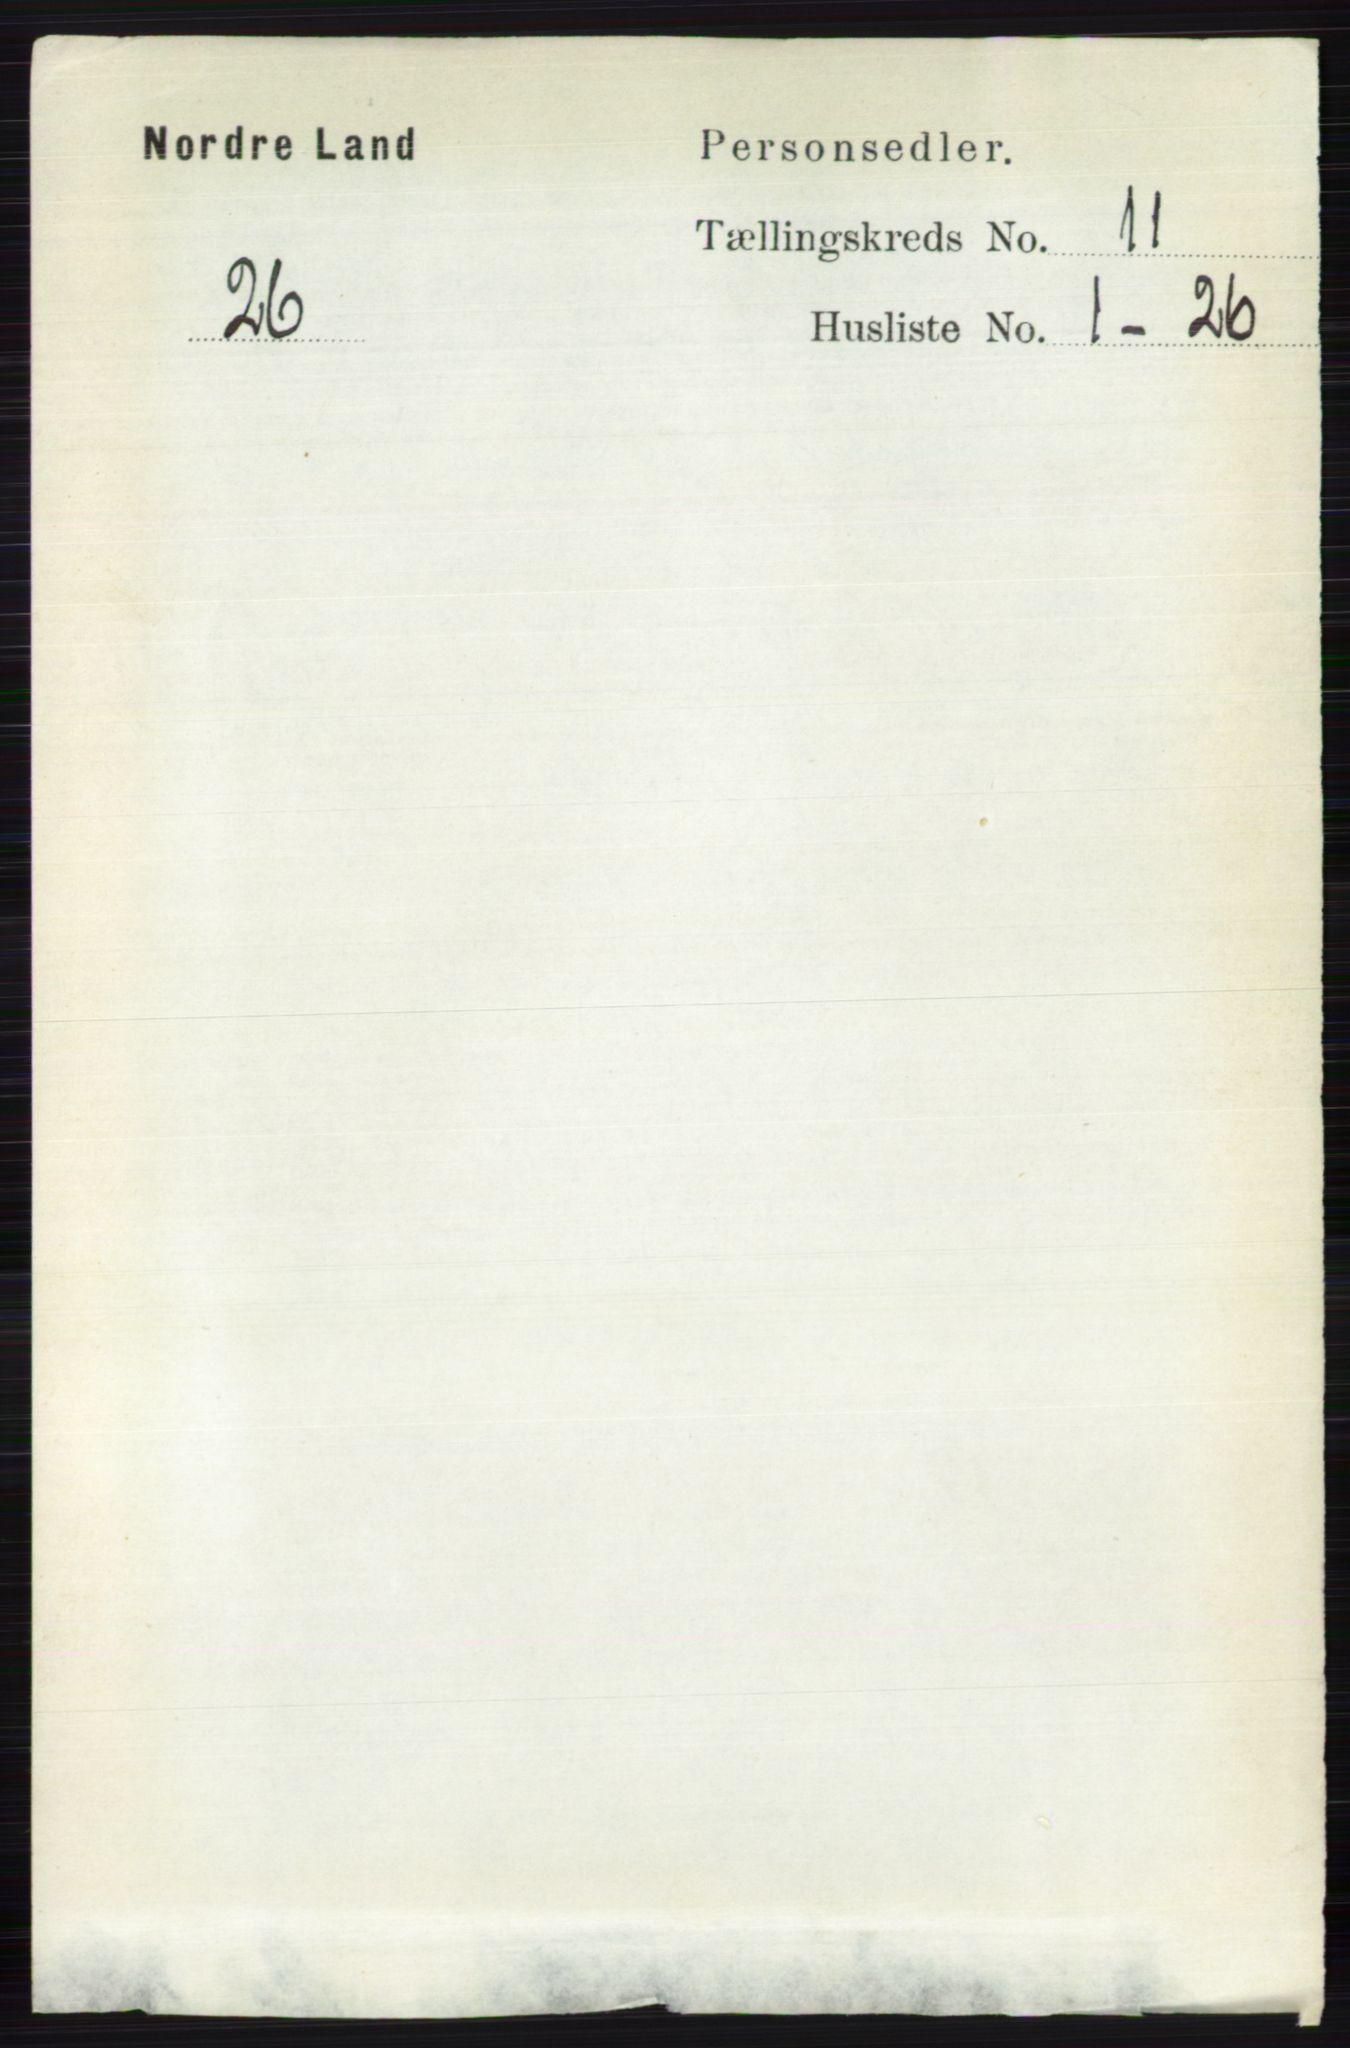 RA, Folketelling 1891 for 0538 Nordre Land herred, 1891, s. 3029